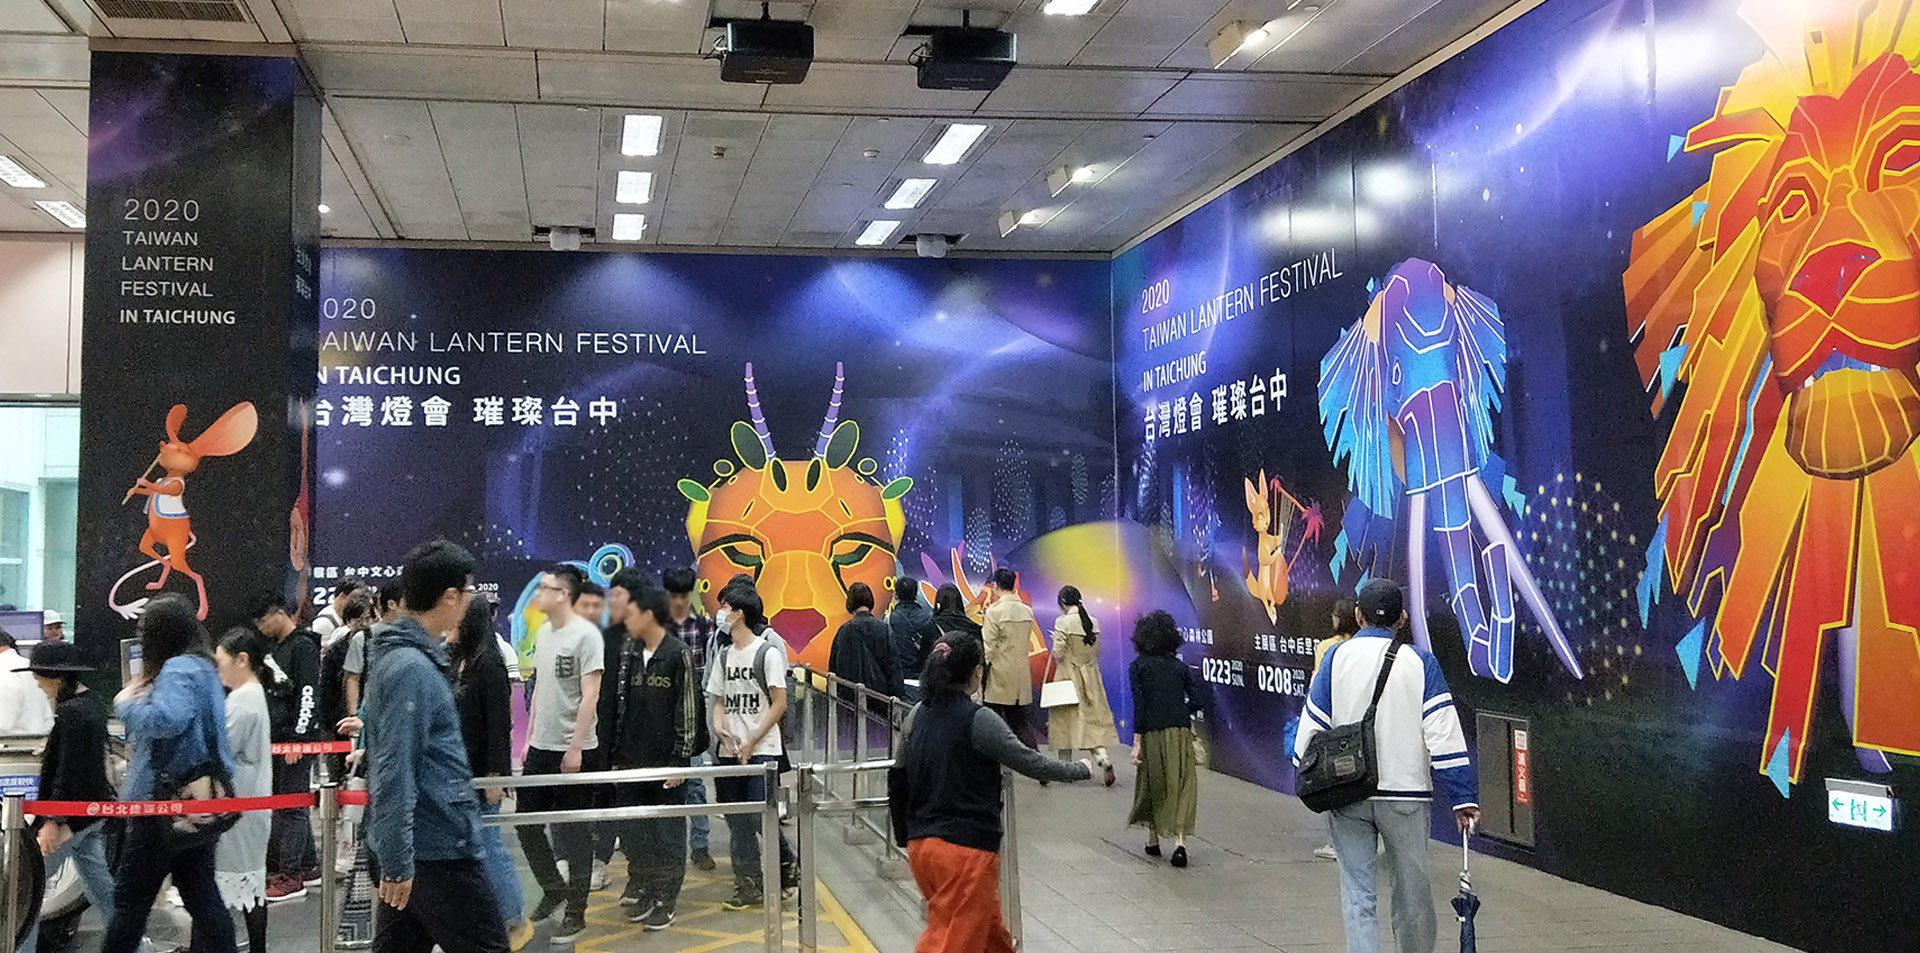 台北捷運廣告刊登 台灣燈會